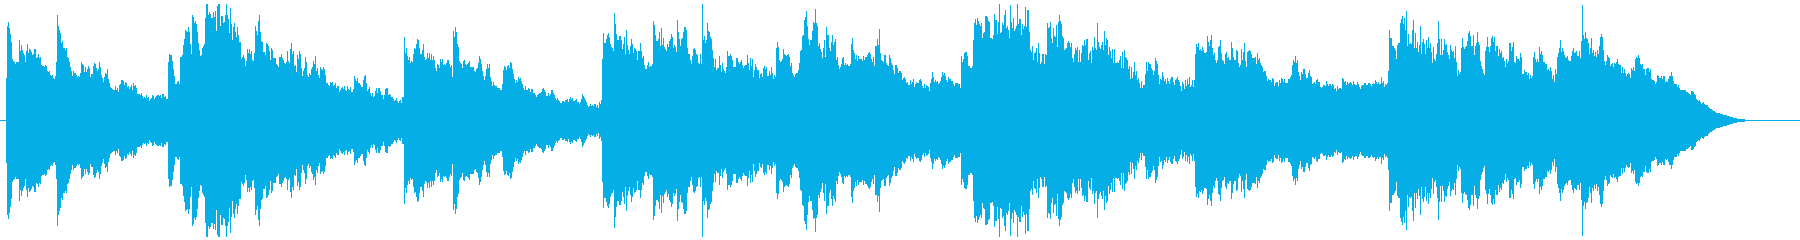 優しい雰囲気のBGMの再生済みの波形